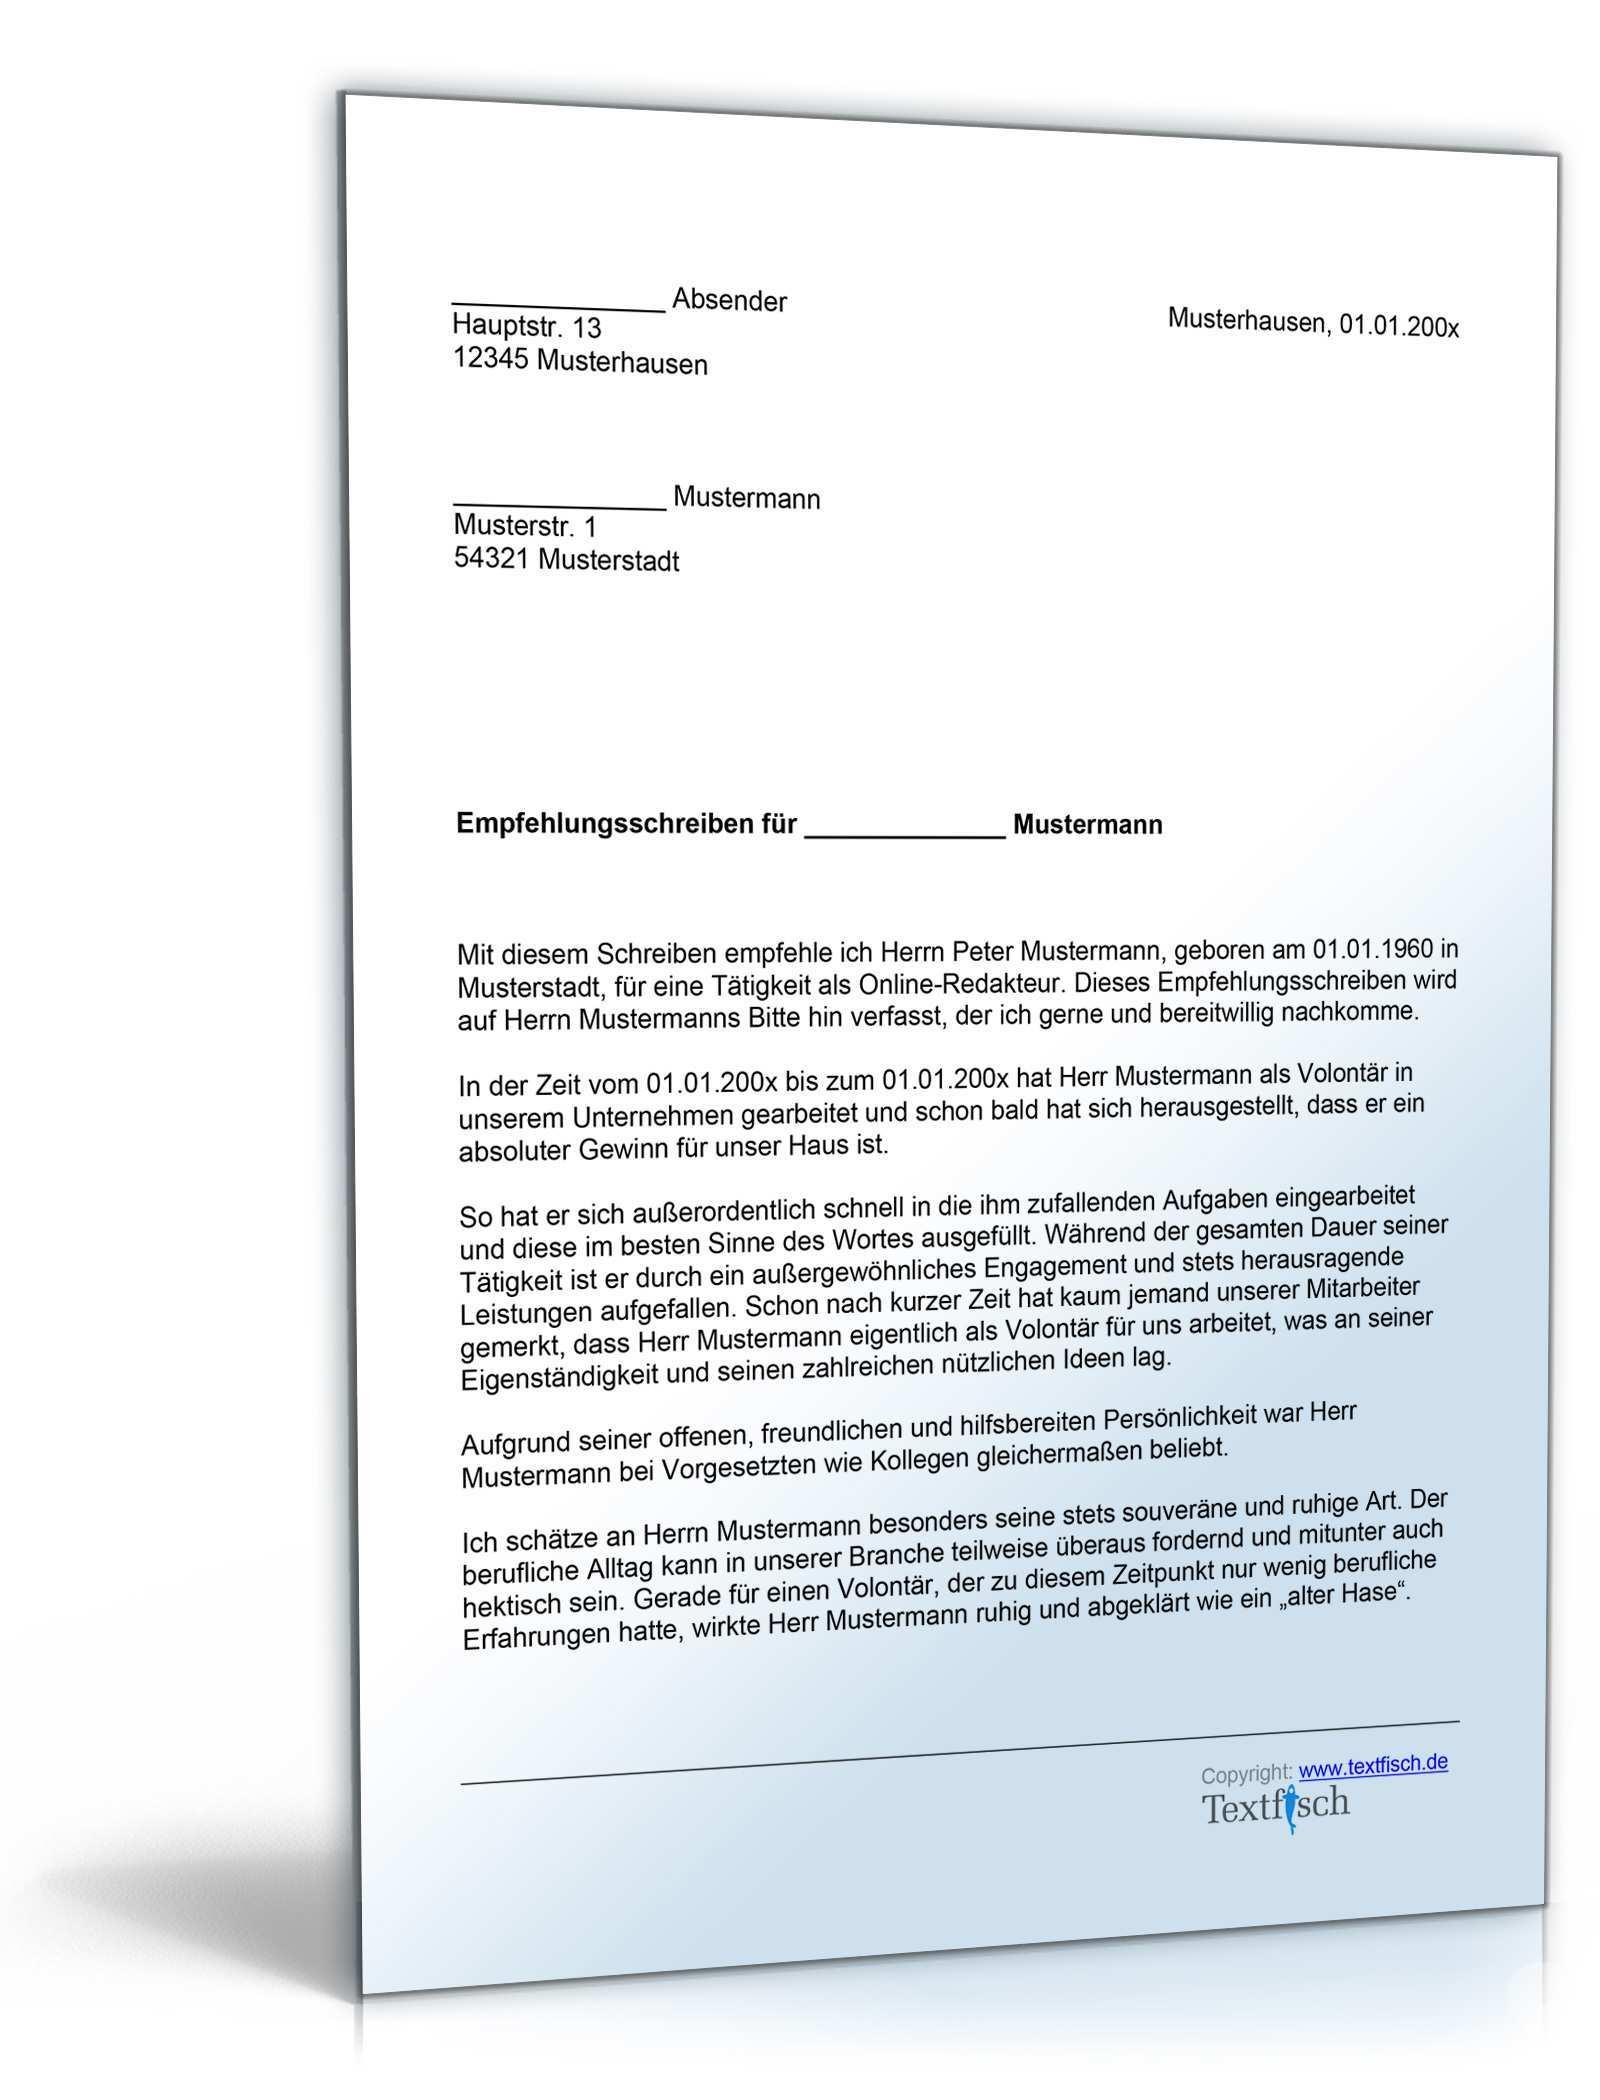 Empfehlung Eines Volontars De Musterbrief Download